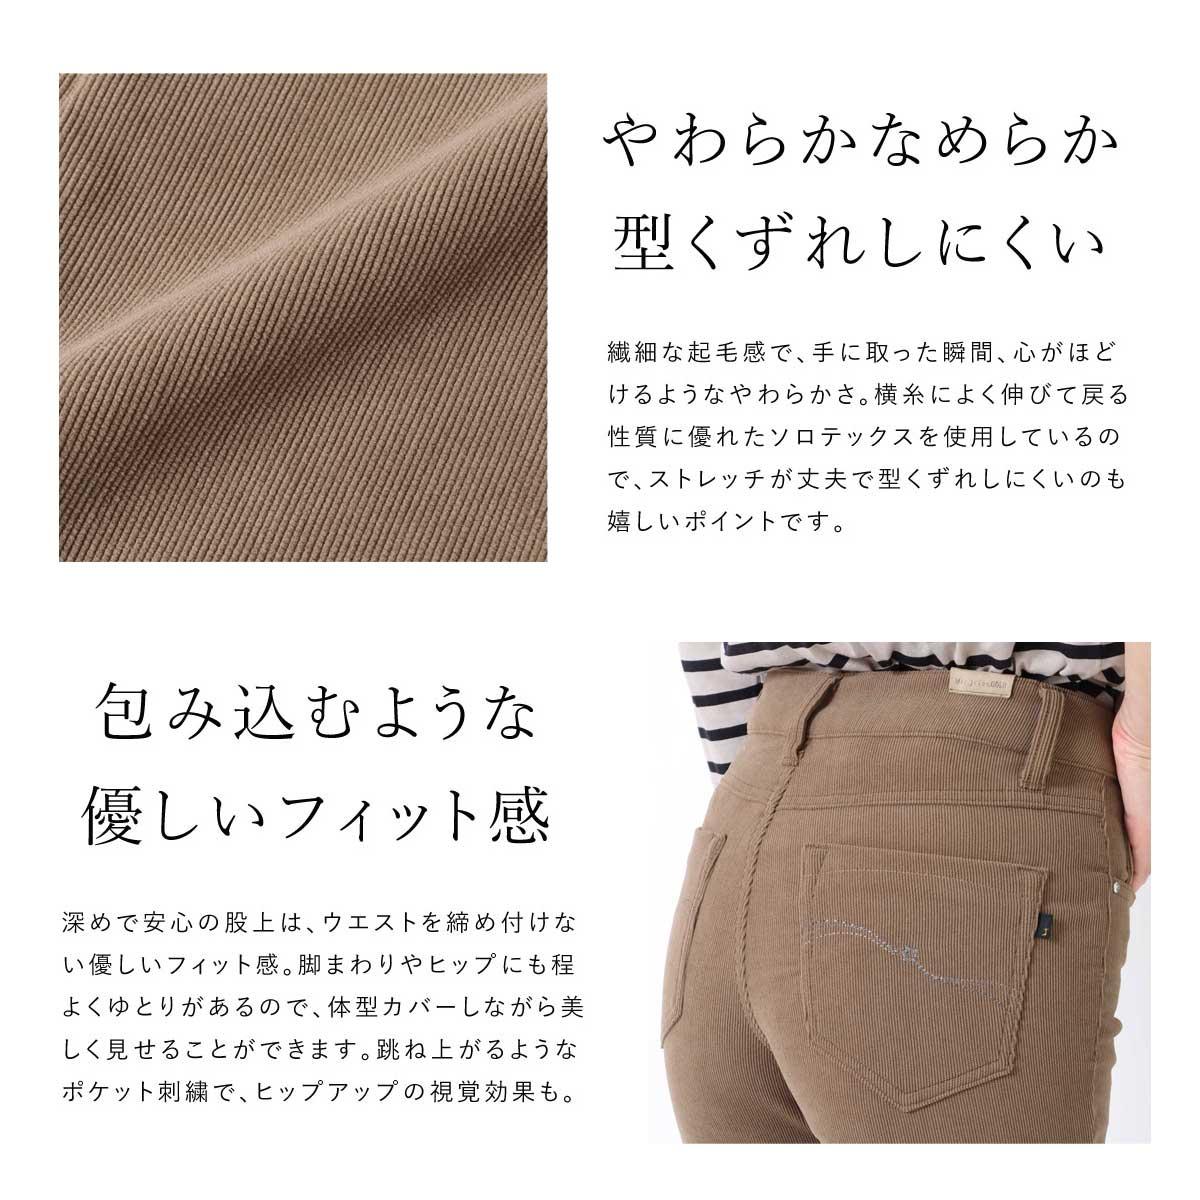 【11/5入荷】WEB限定 コーデュロイブーツカット GM3403